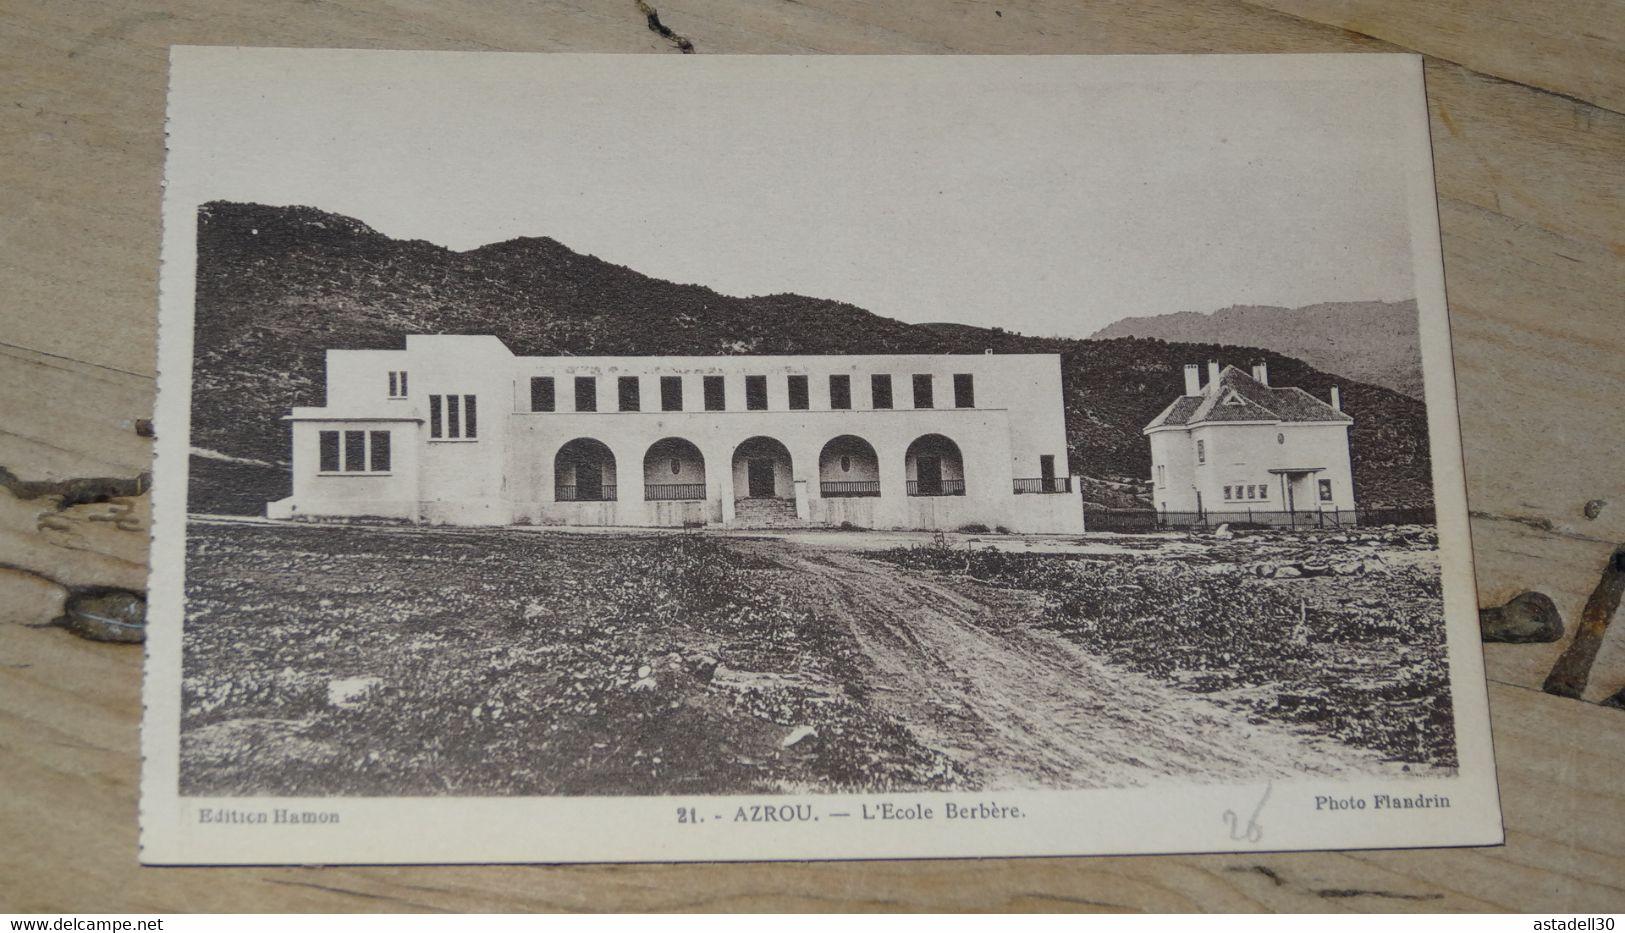 MAROC : AZROU : L'école Berbère ............. 201101d-4025 - Otros